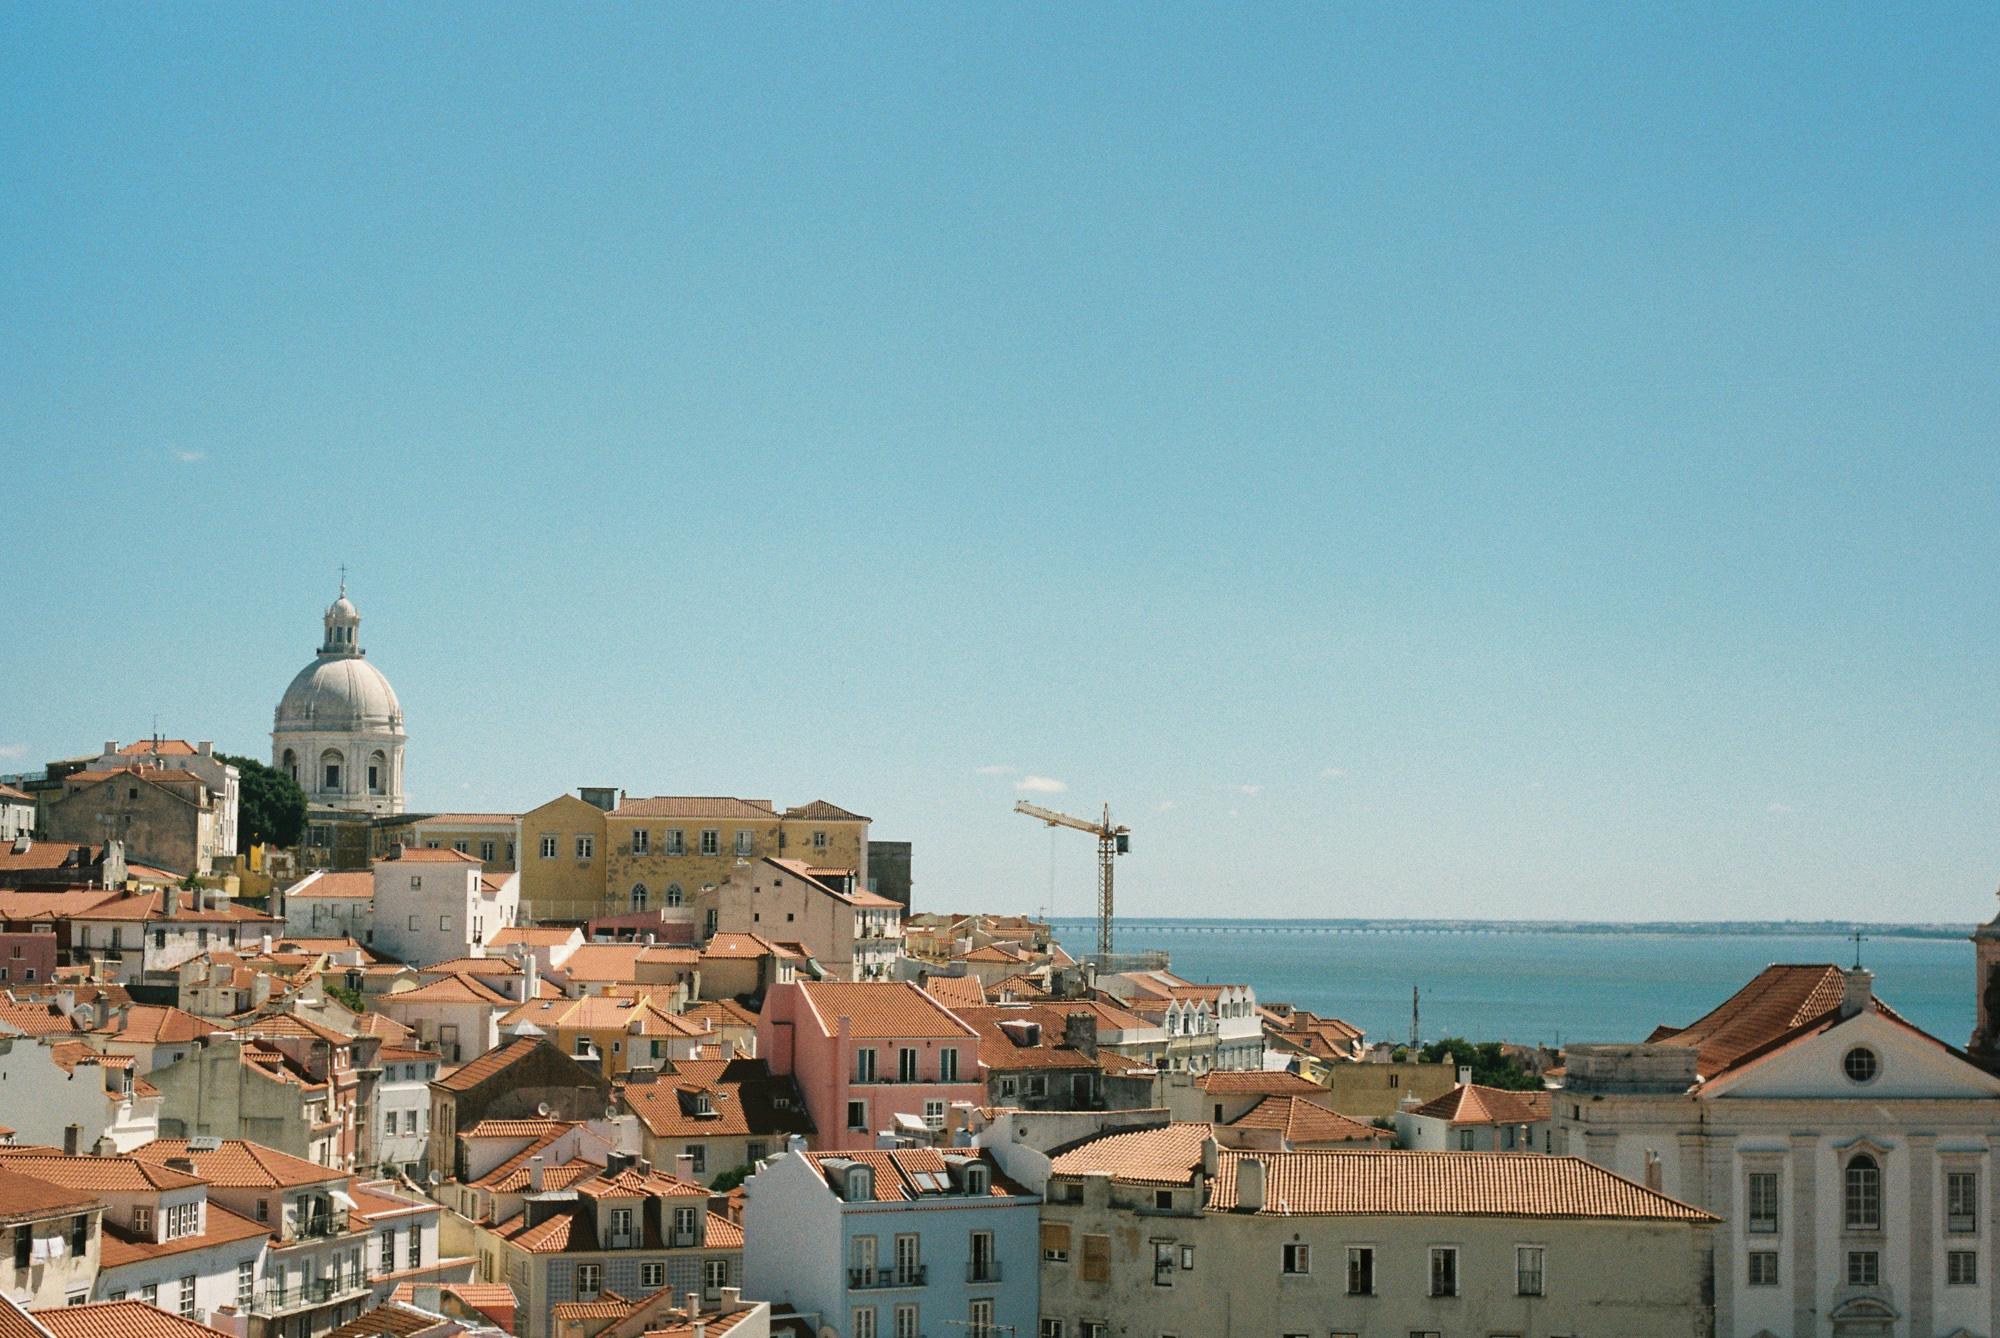 Fotografia-Analogica-Lisboa-Filme-Oceanica-28.jpg